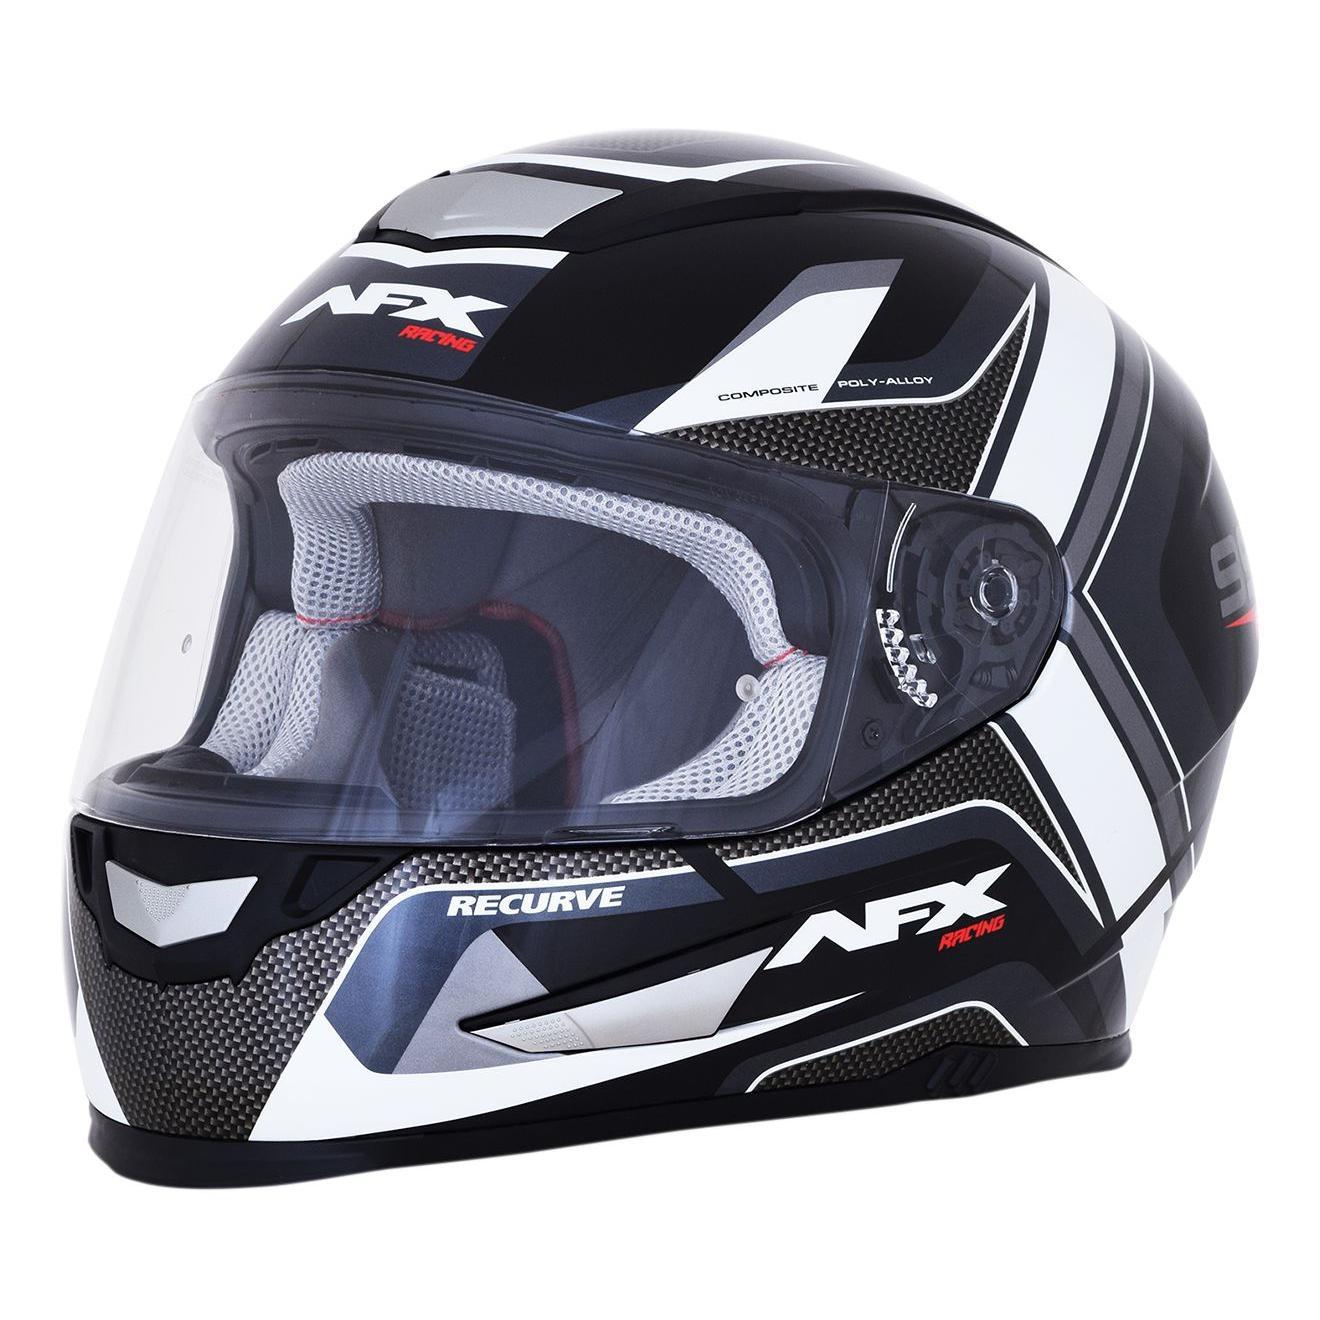 Casque intégral AFX FX99 blanc/noir - S